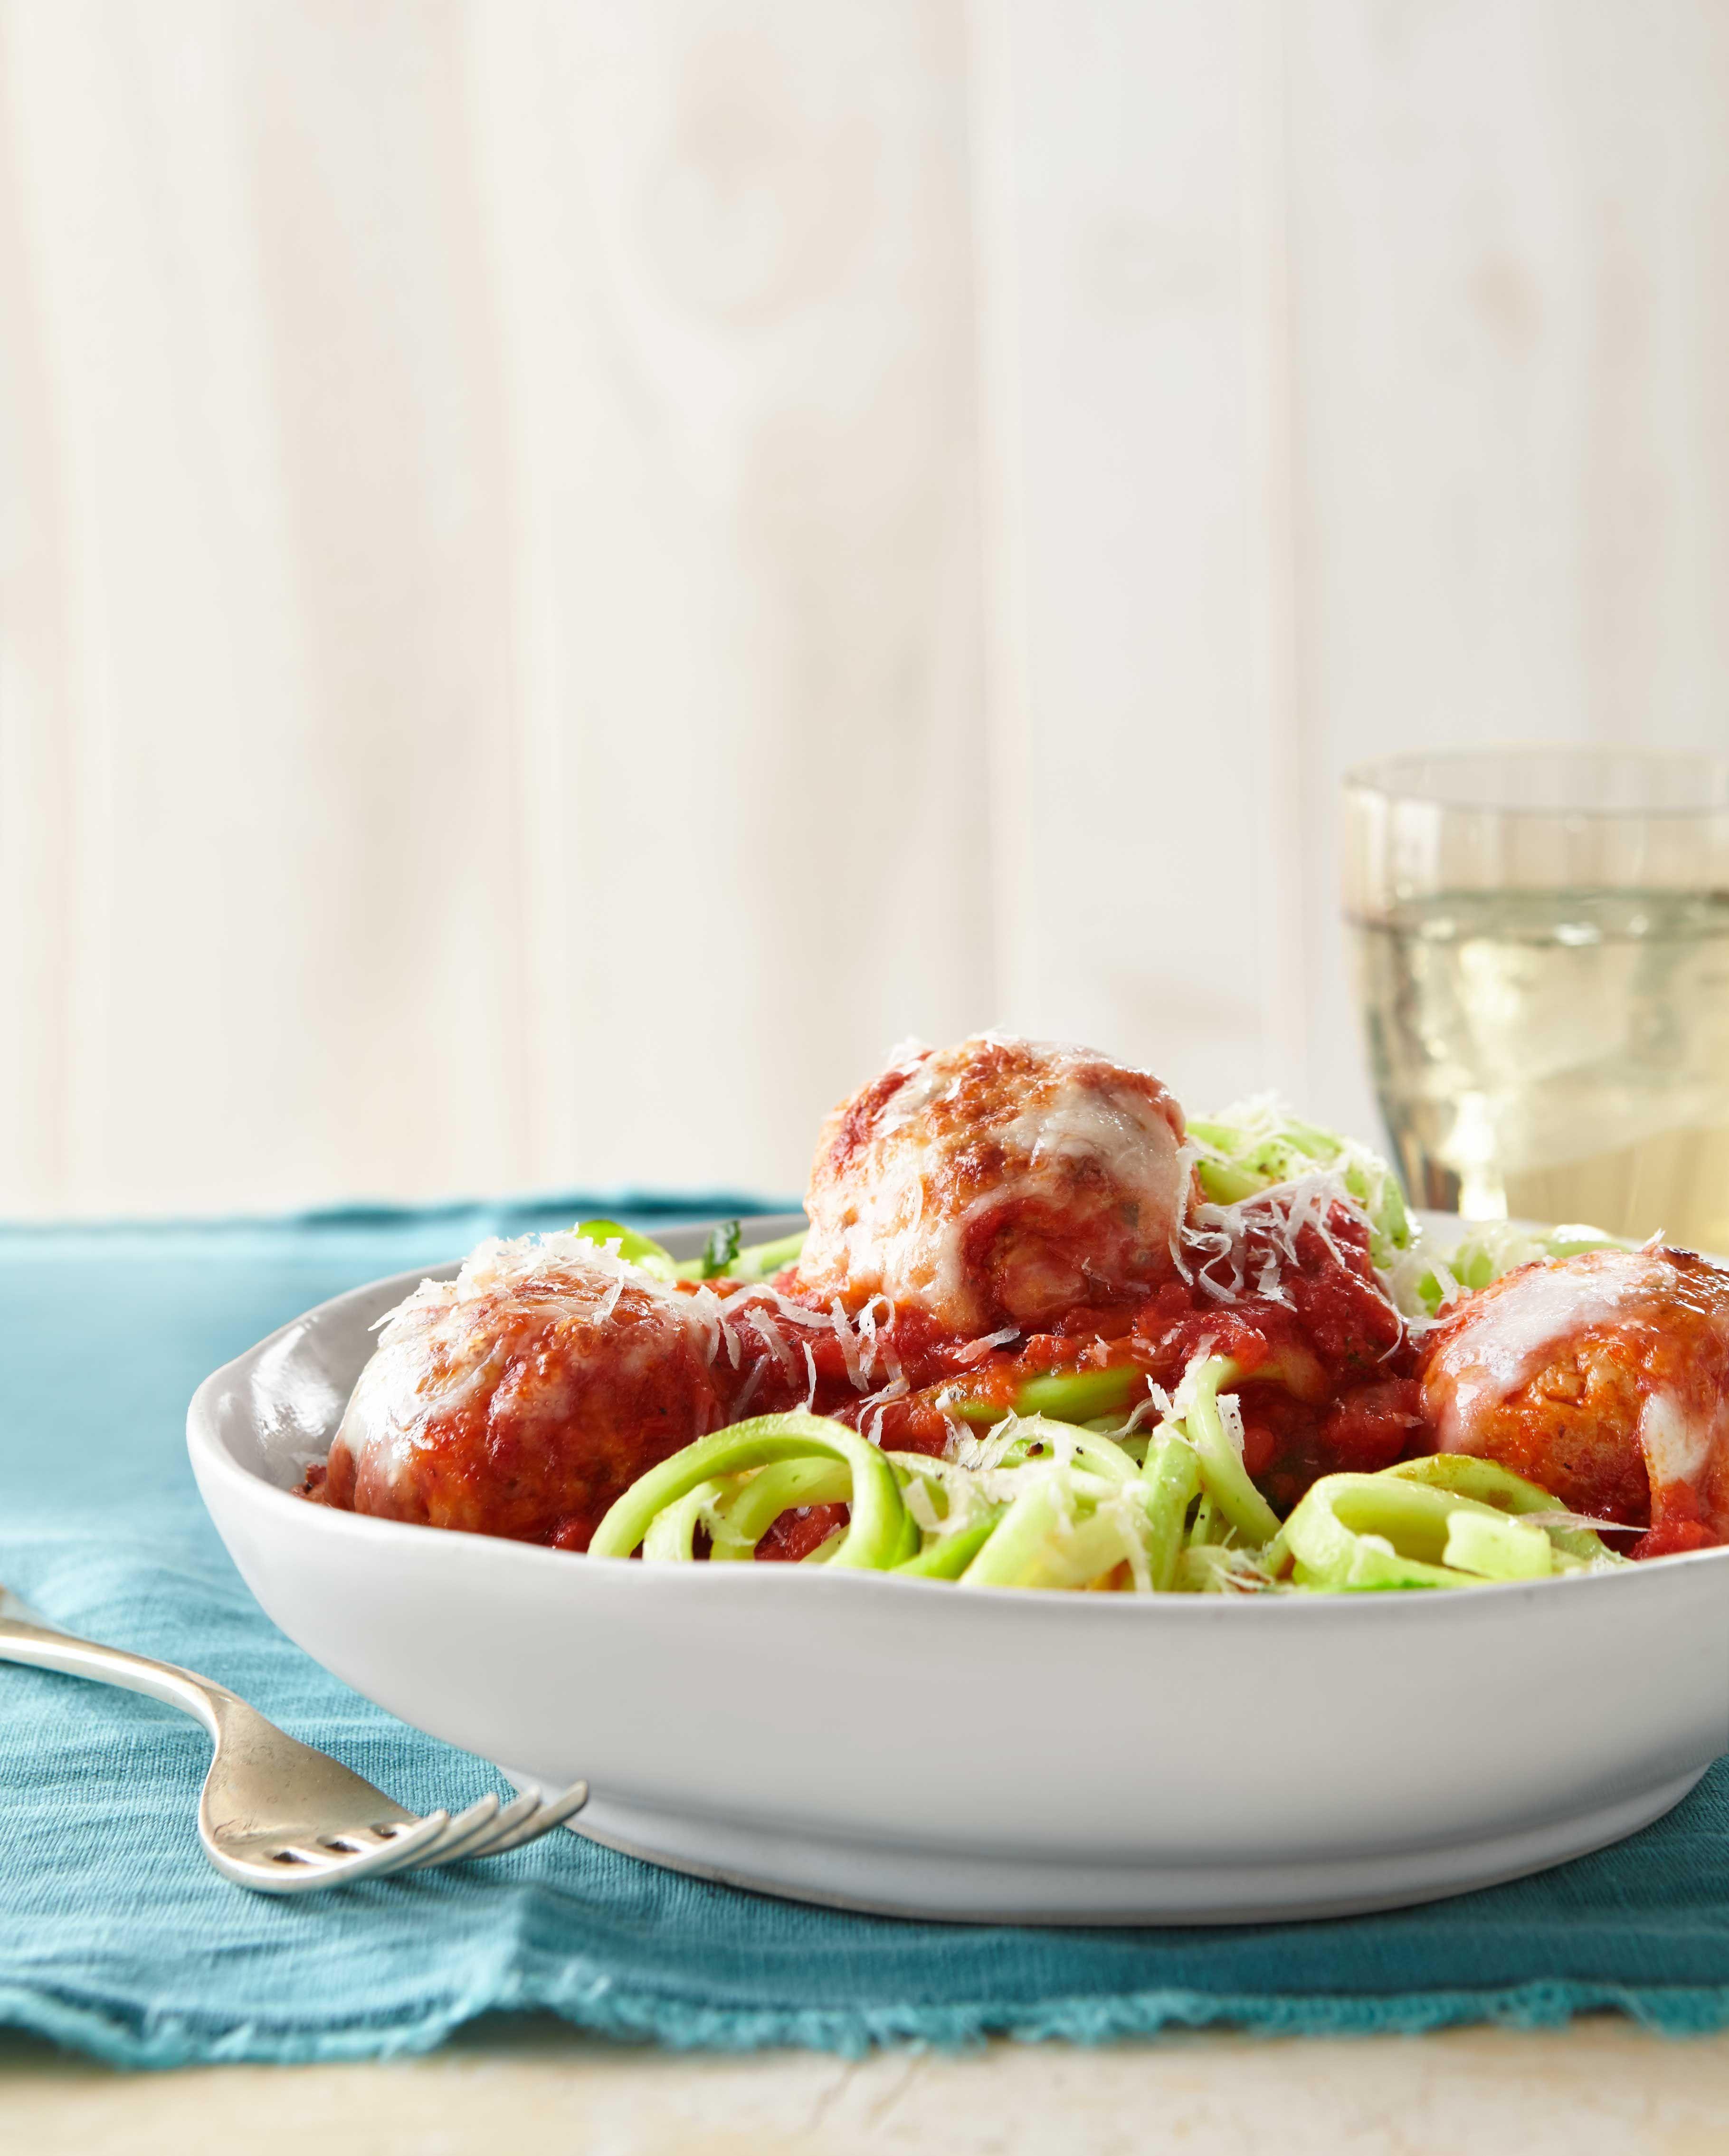 25 Healthy Pasta Recipes - Light Pasta Dinner Ideas